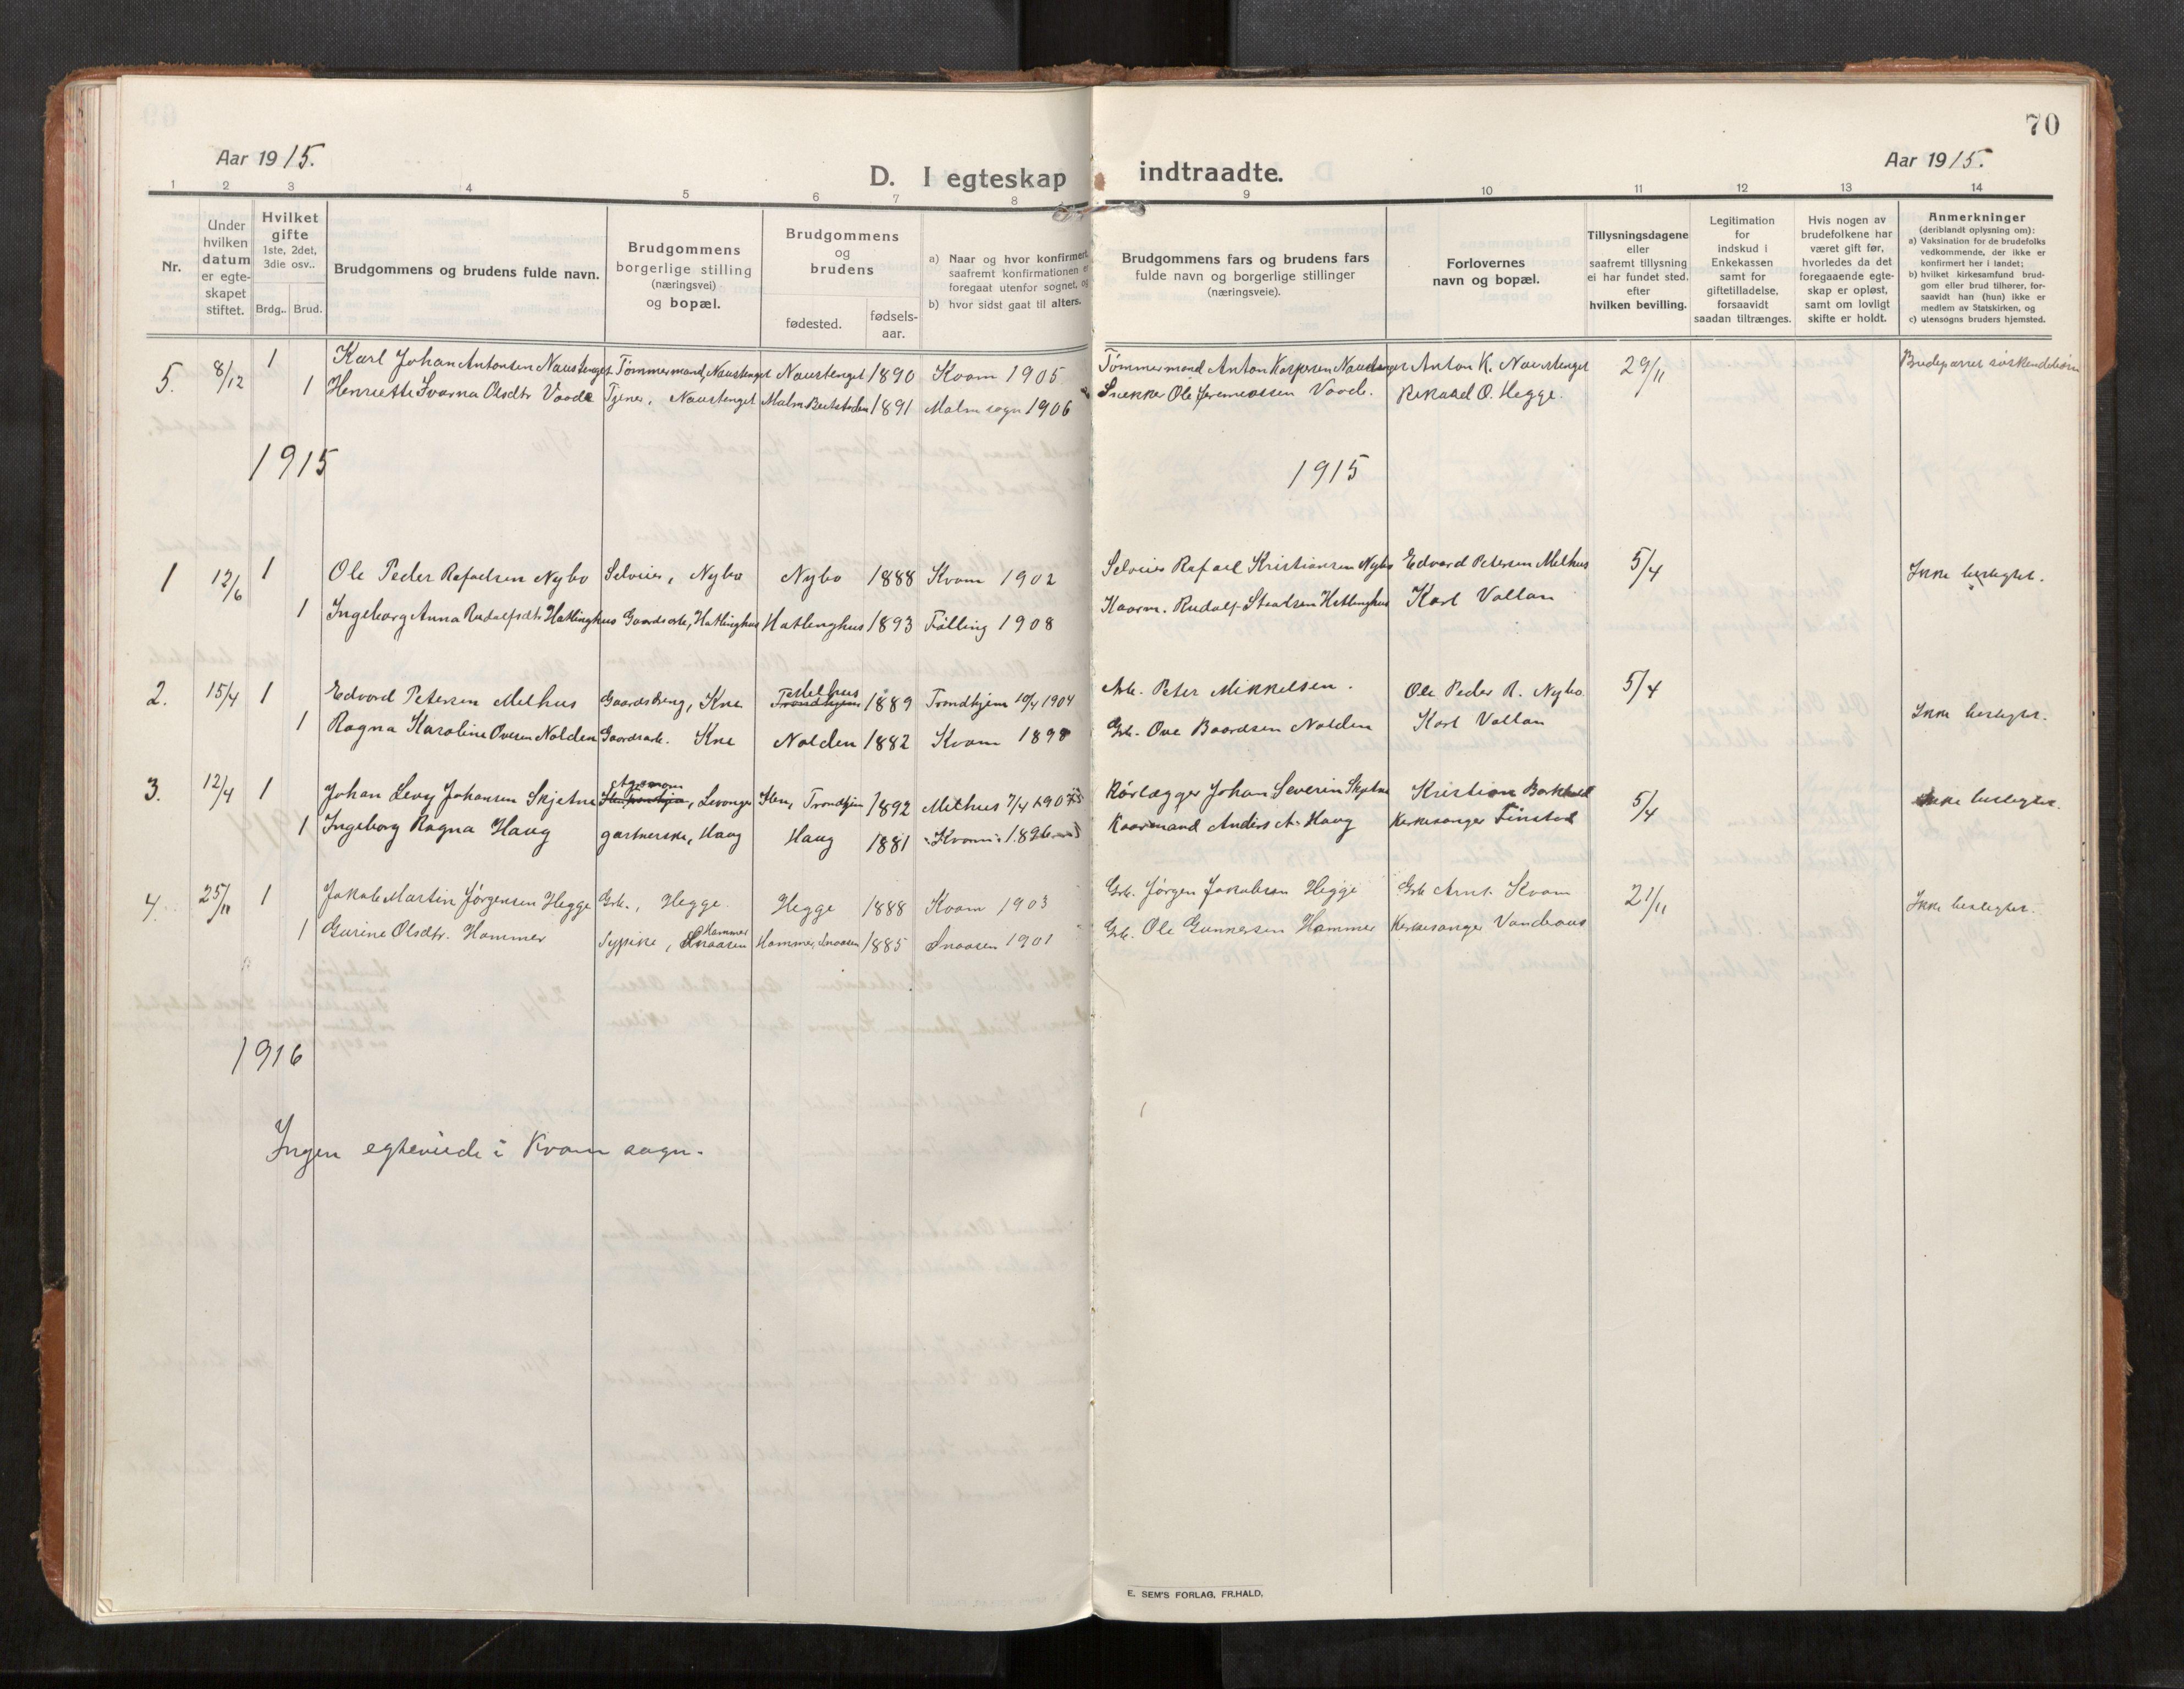 SAT, Stod sokneprestkontor, I/I1/I1a/L0004: Ministerialbok nr. 4, 1913-1933, s. 70